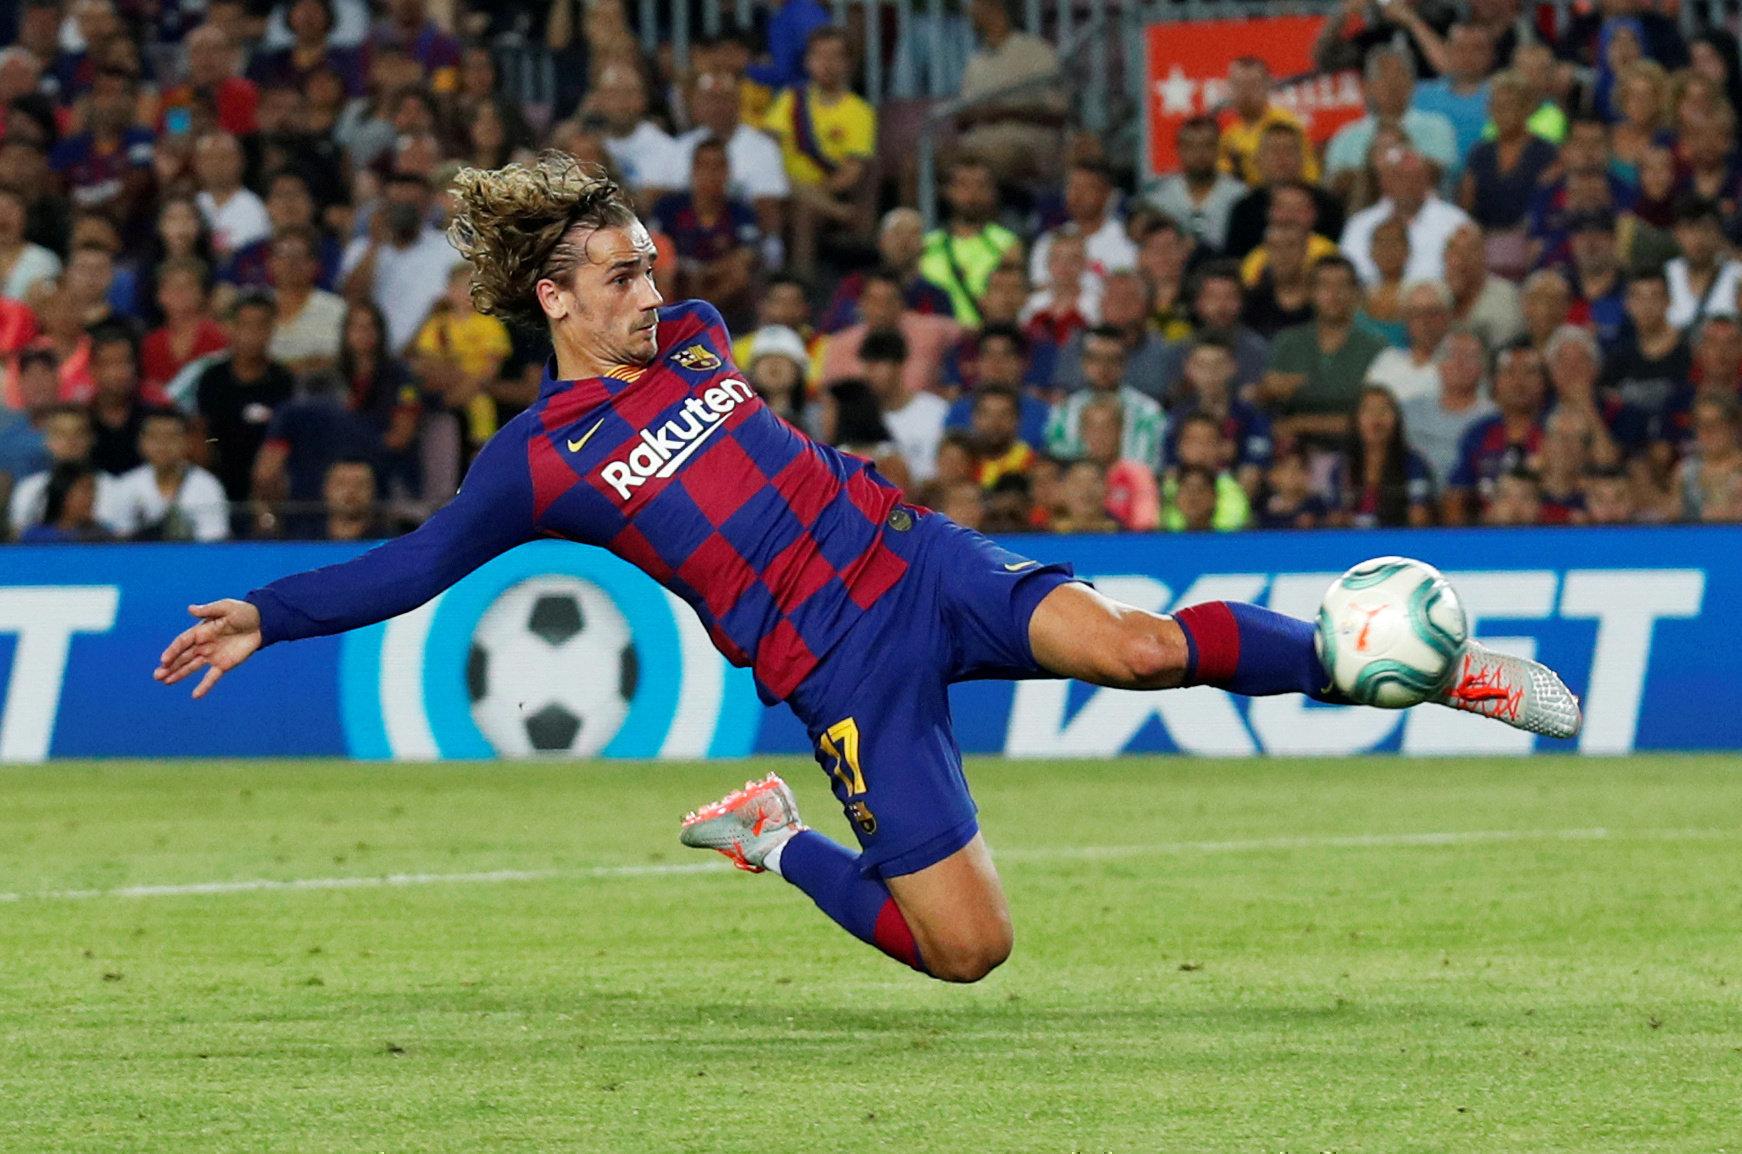 Барселона бетис 5 0 полный матч видео